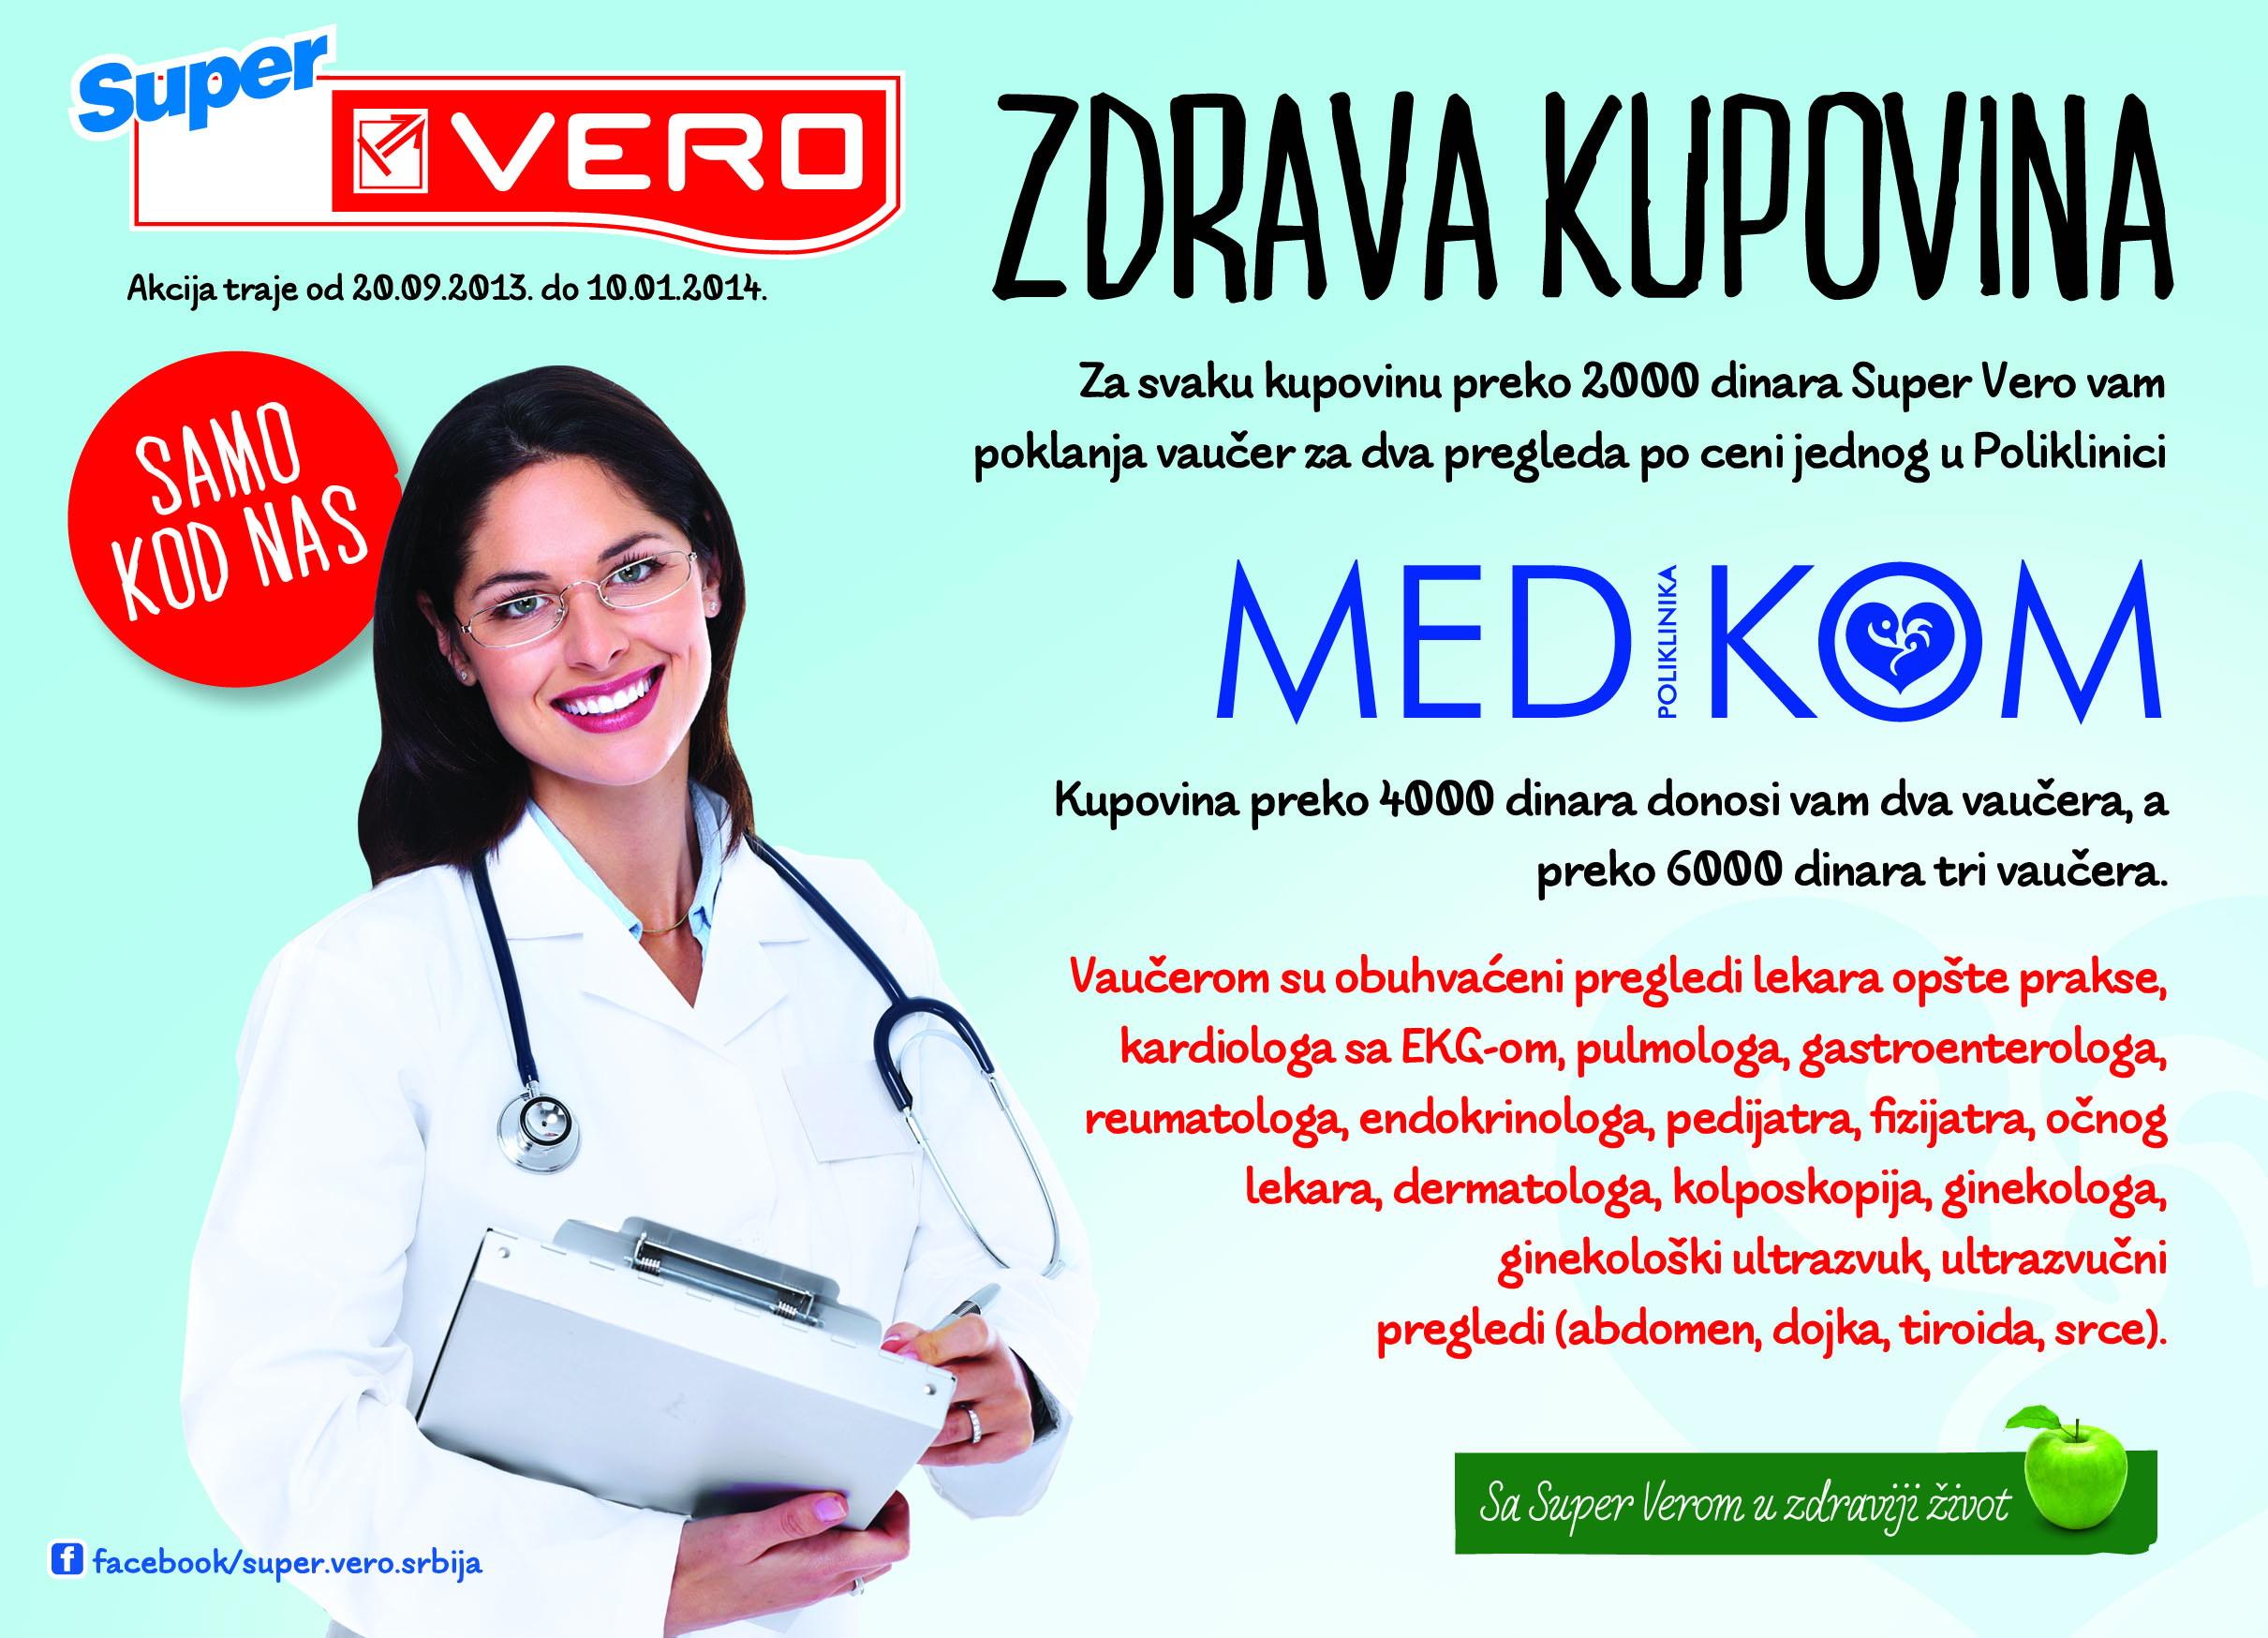 Vero_Medikom_liflet_napred